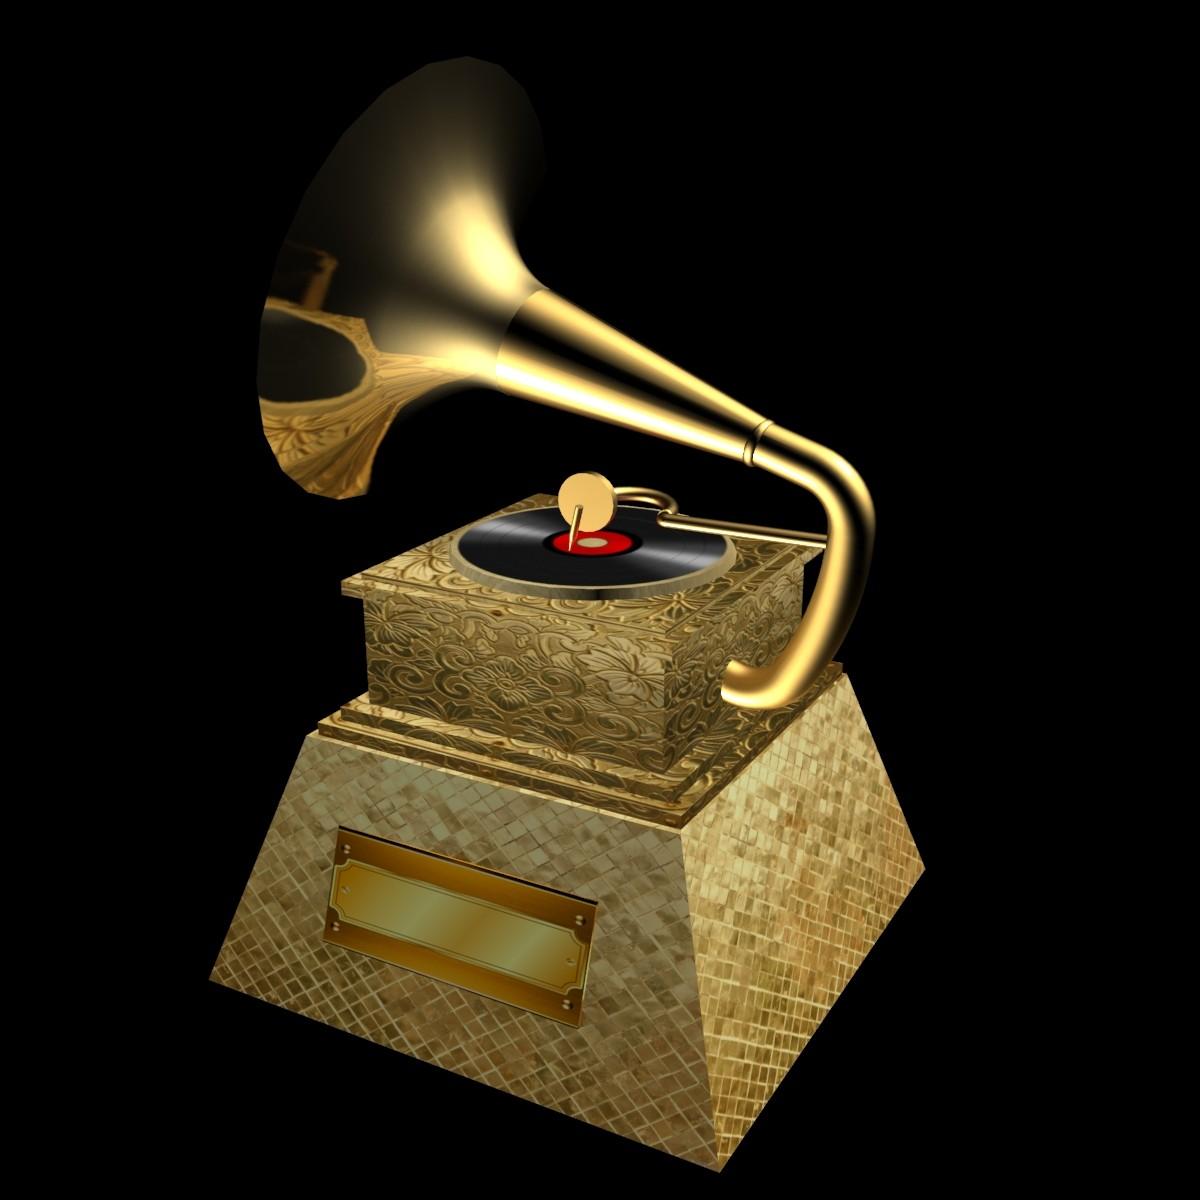 gramophone1.jpg